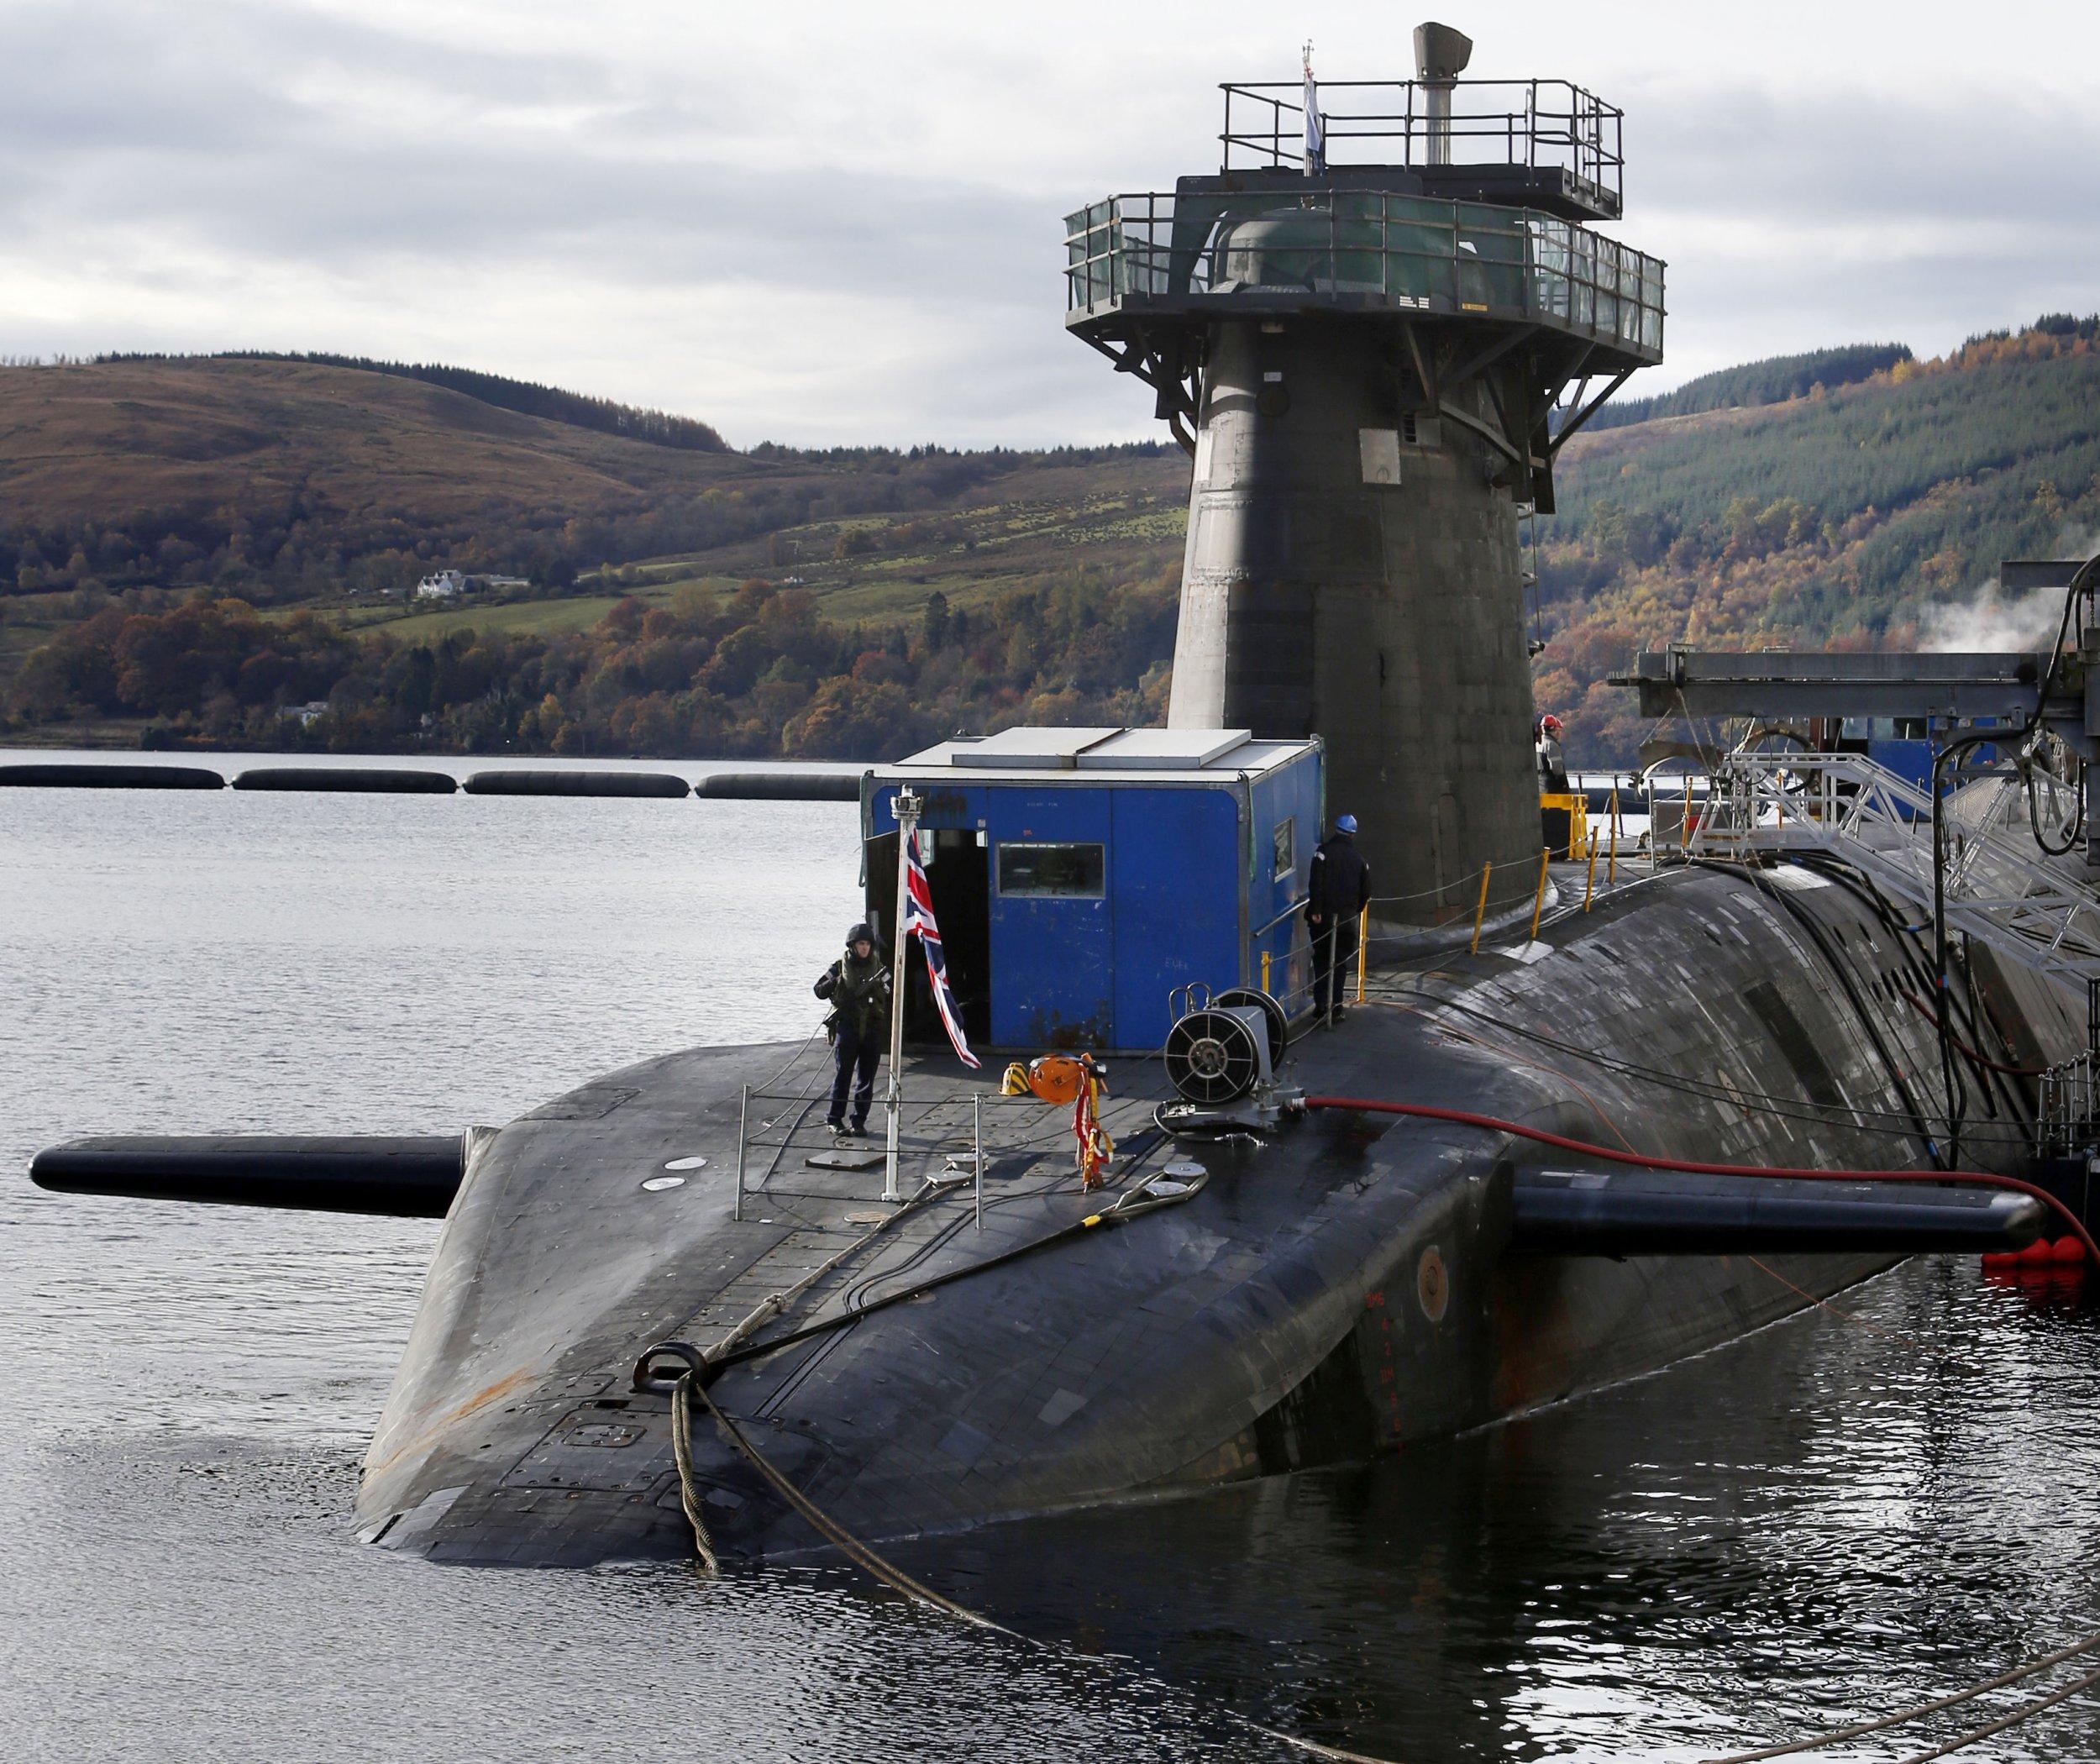 HMS Victorius